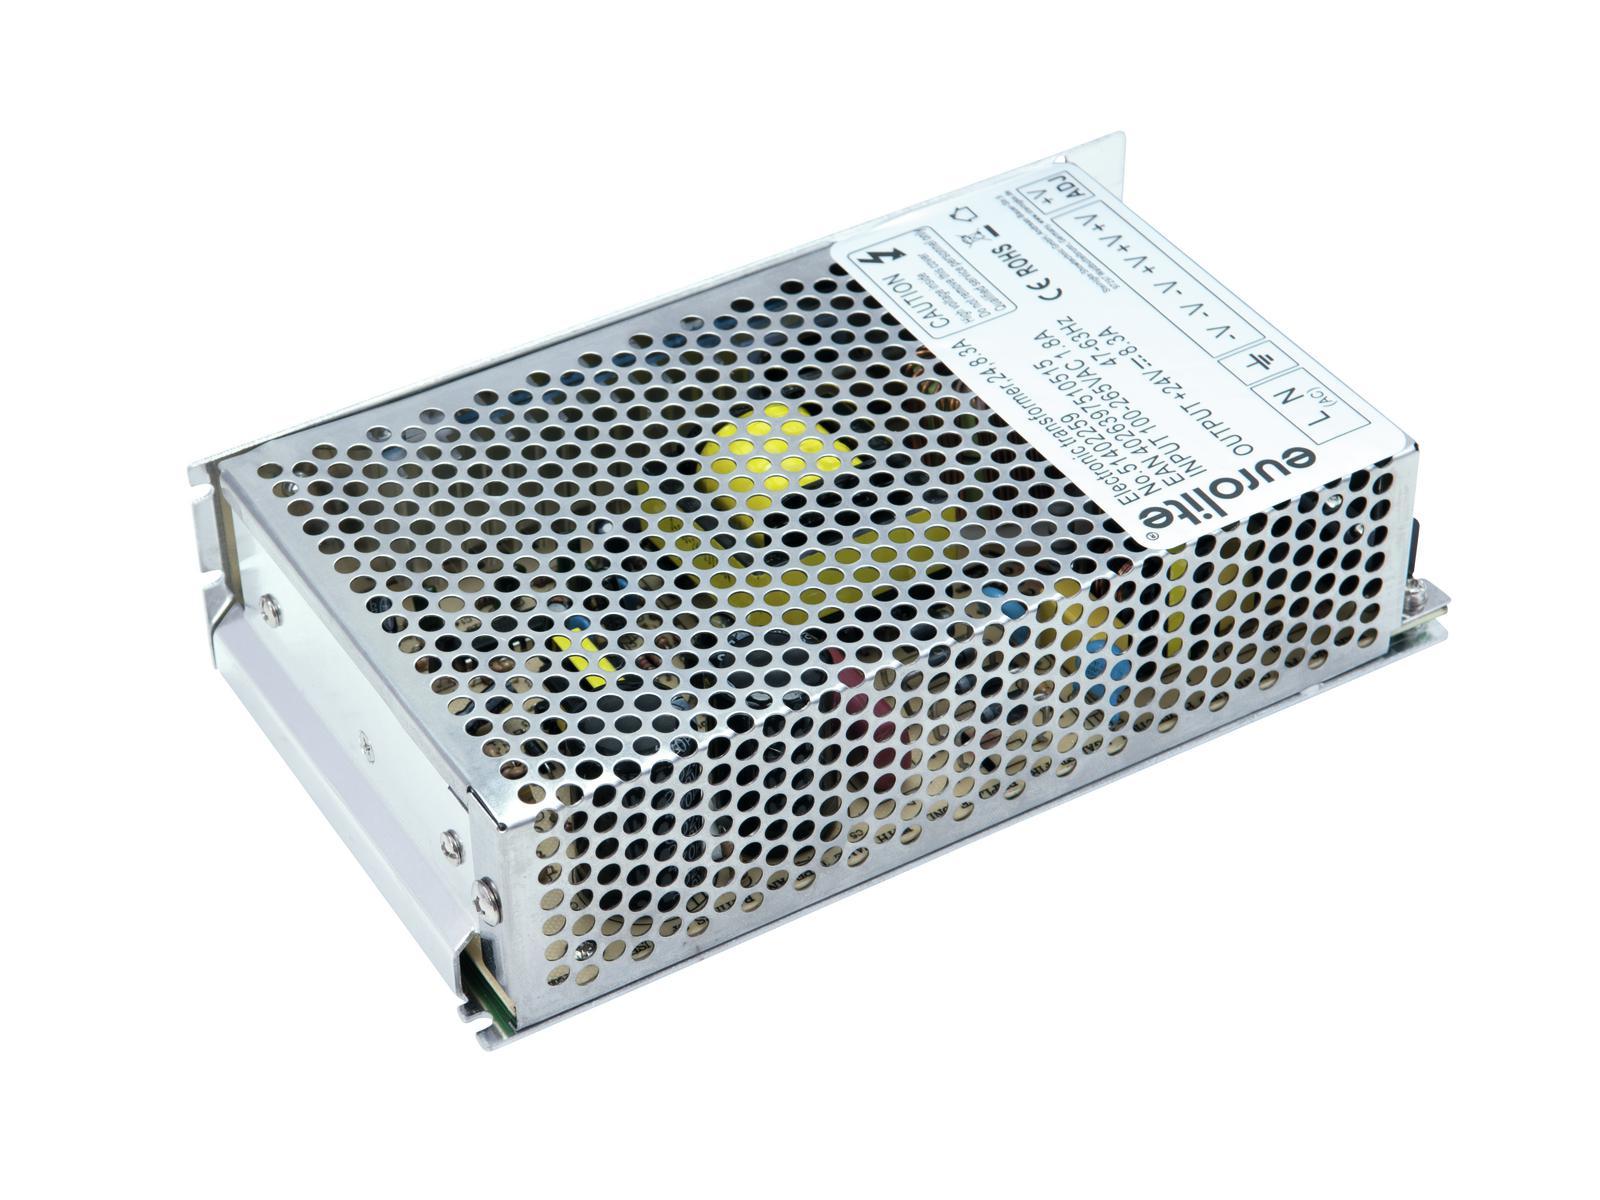 Transformer EUROLITE for LED strips, 24V, 8.3 A